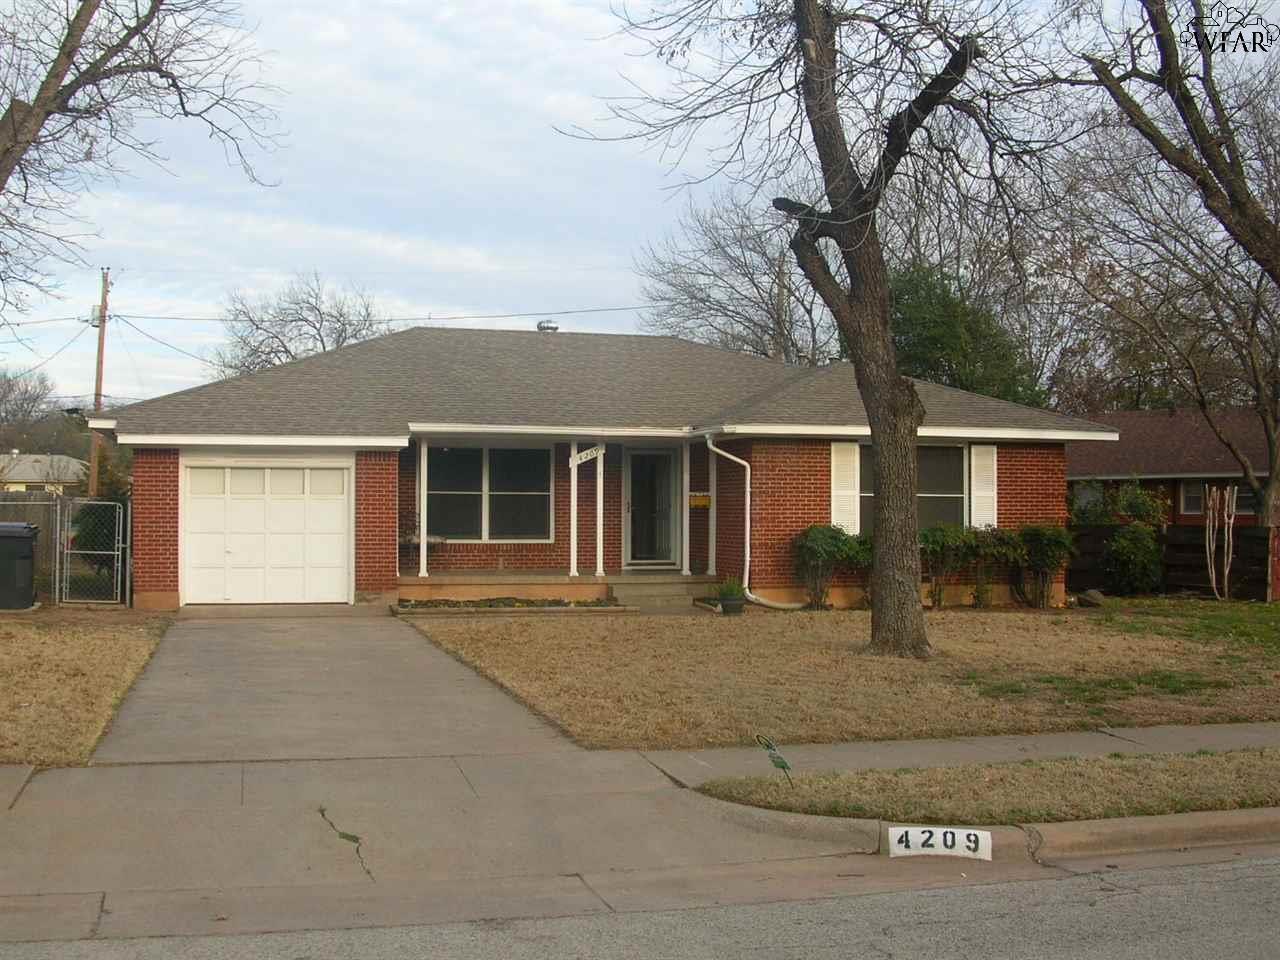 4209 Sondra Drive, Wichita Falls, TX 76308